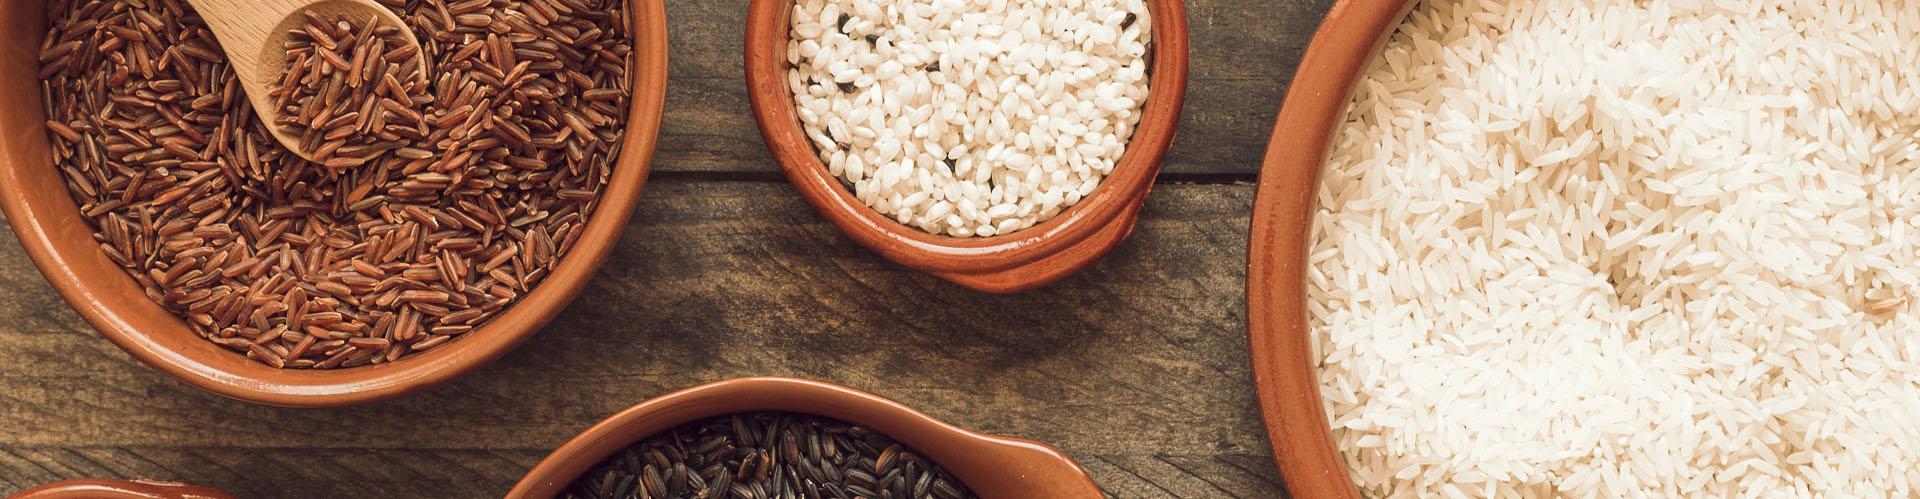 Entenda a diferença do arroz branco para o integral